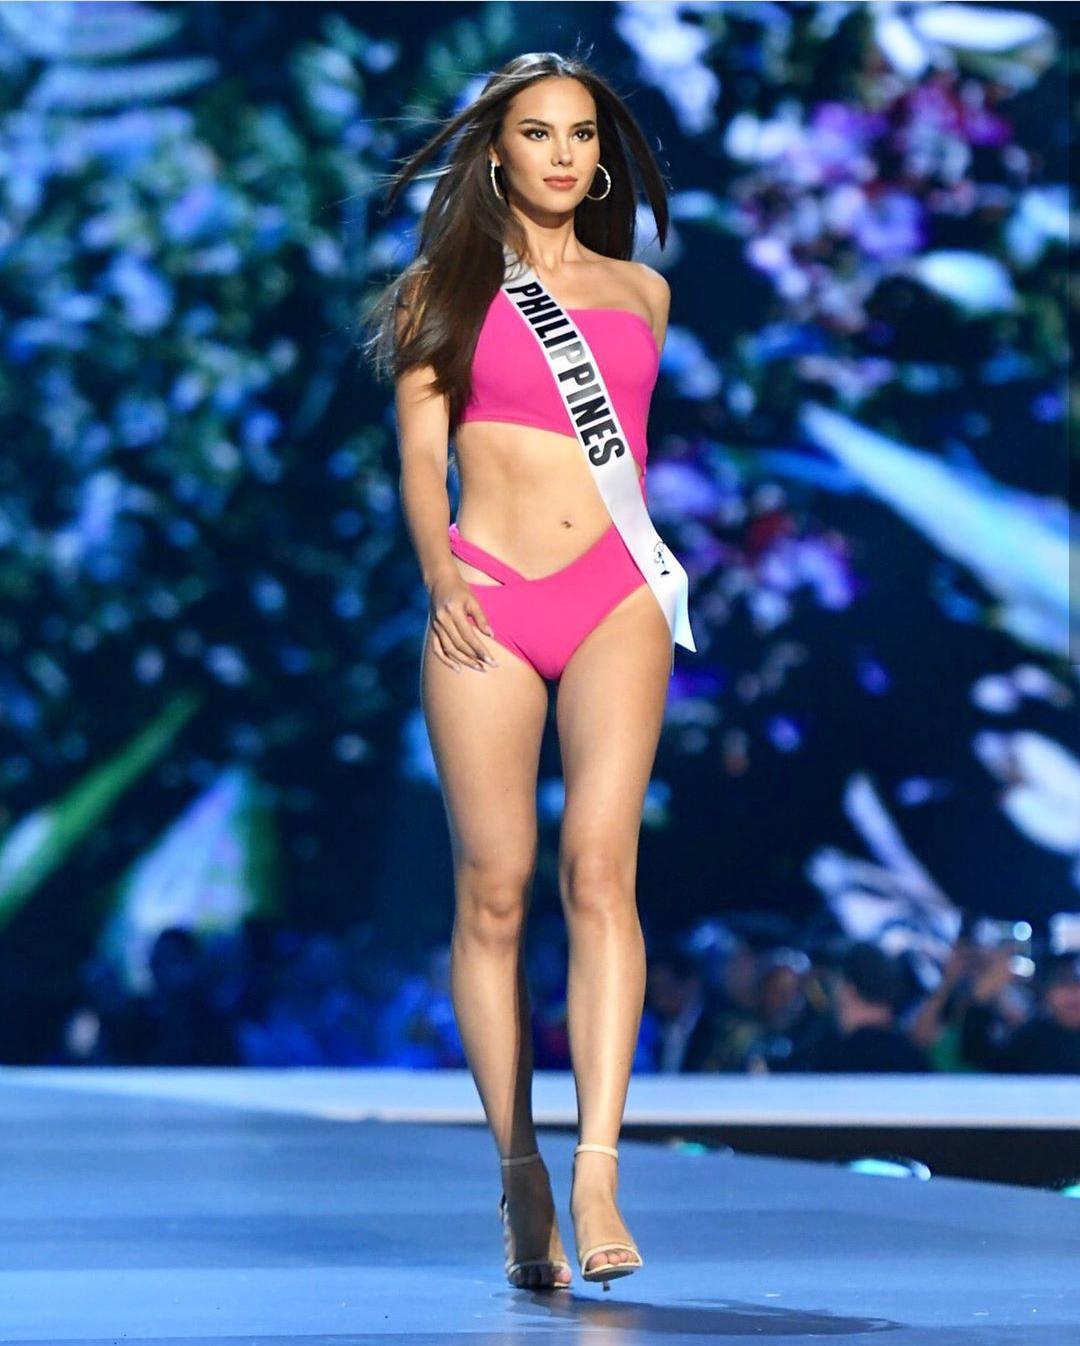 Nhan sắc lai đẹp rực rỡ của Tân Hoa hậu Hoàn vũ 2018 và loạt thành tích khủng trên hành trình đoạt vương miện thứ 3! - Ảnh 6.